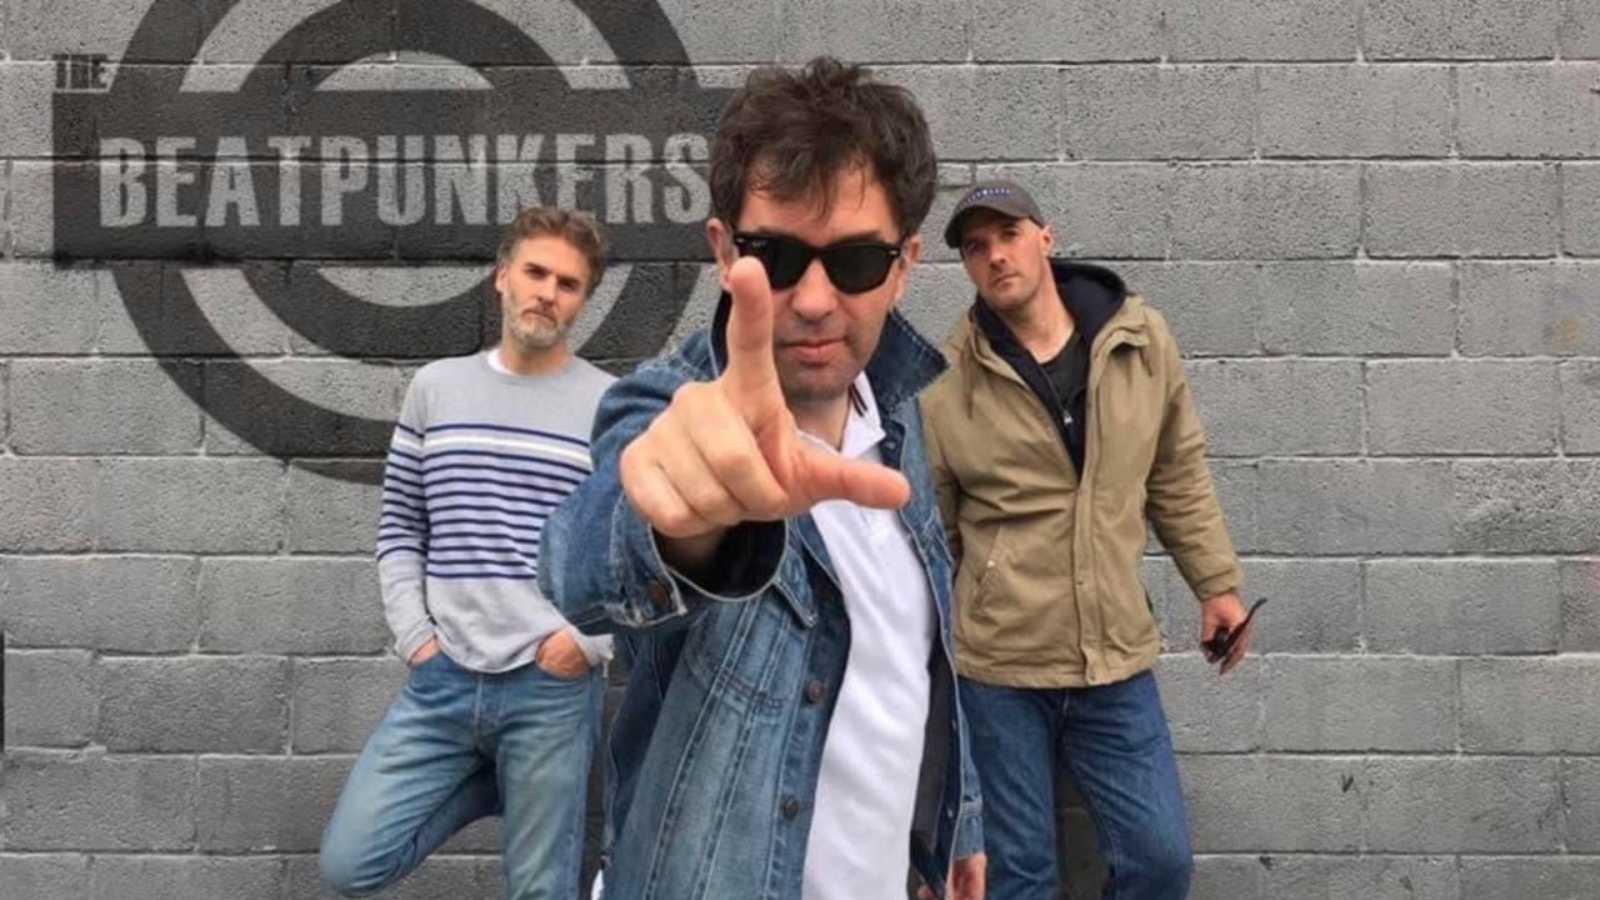 El sótano - Cosecha nacional; The Beatpunkers, Sandré, Los Fusiles, 091,... - 25/11/20 - escuchar ahora